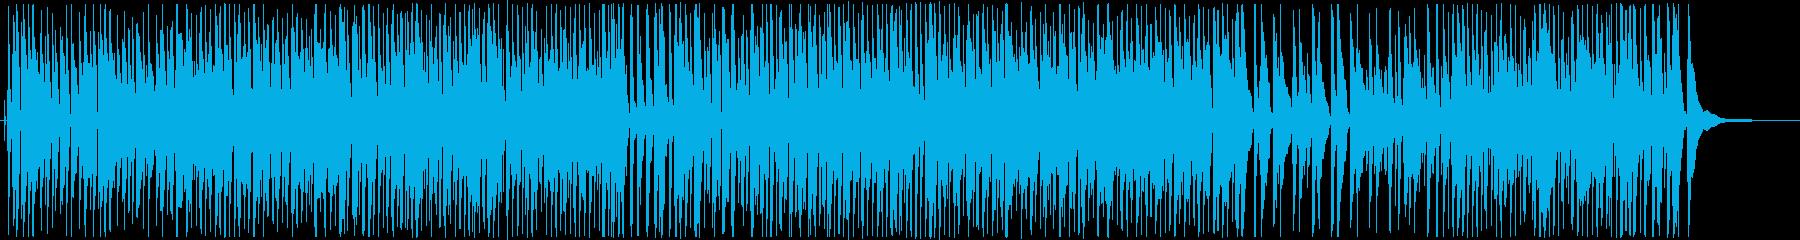 お洒落でゆったりラウンジジャズの再生済みの波形